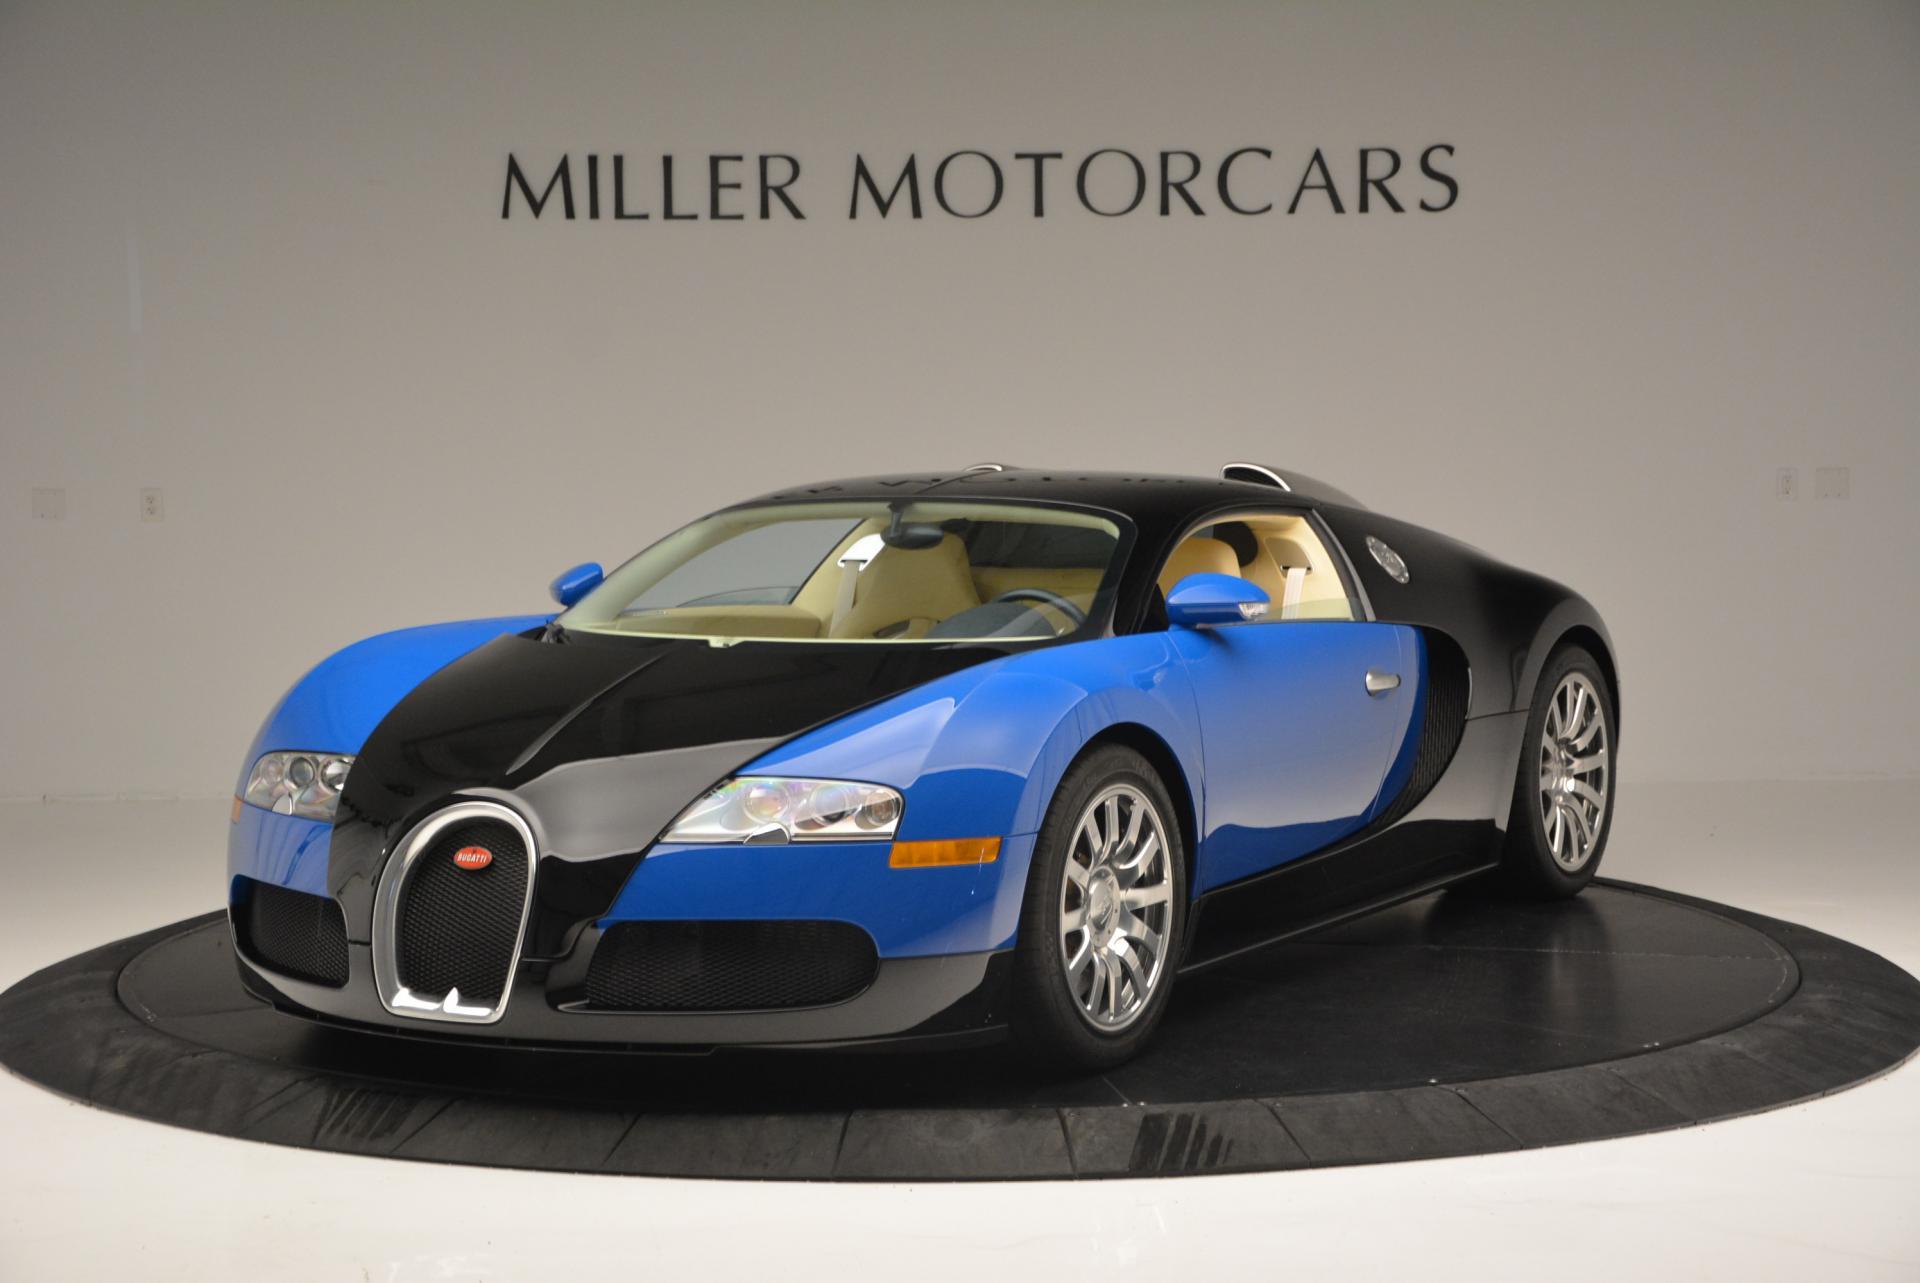 Used 2006 Bugatti Veyron 16.4  For Sale In Greenwich, CT. Alfa Romeo of Greenwich, 6725 43_p2